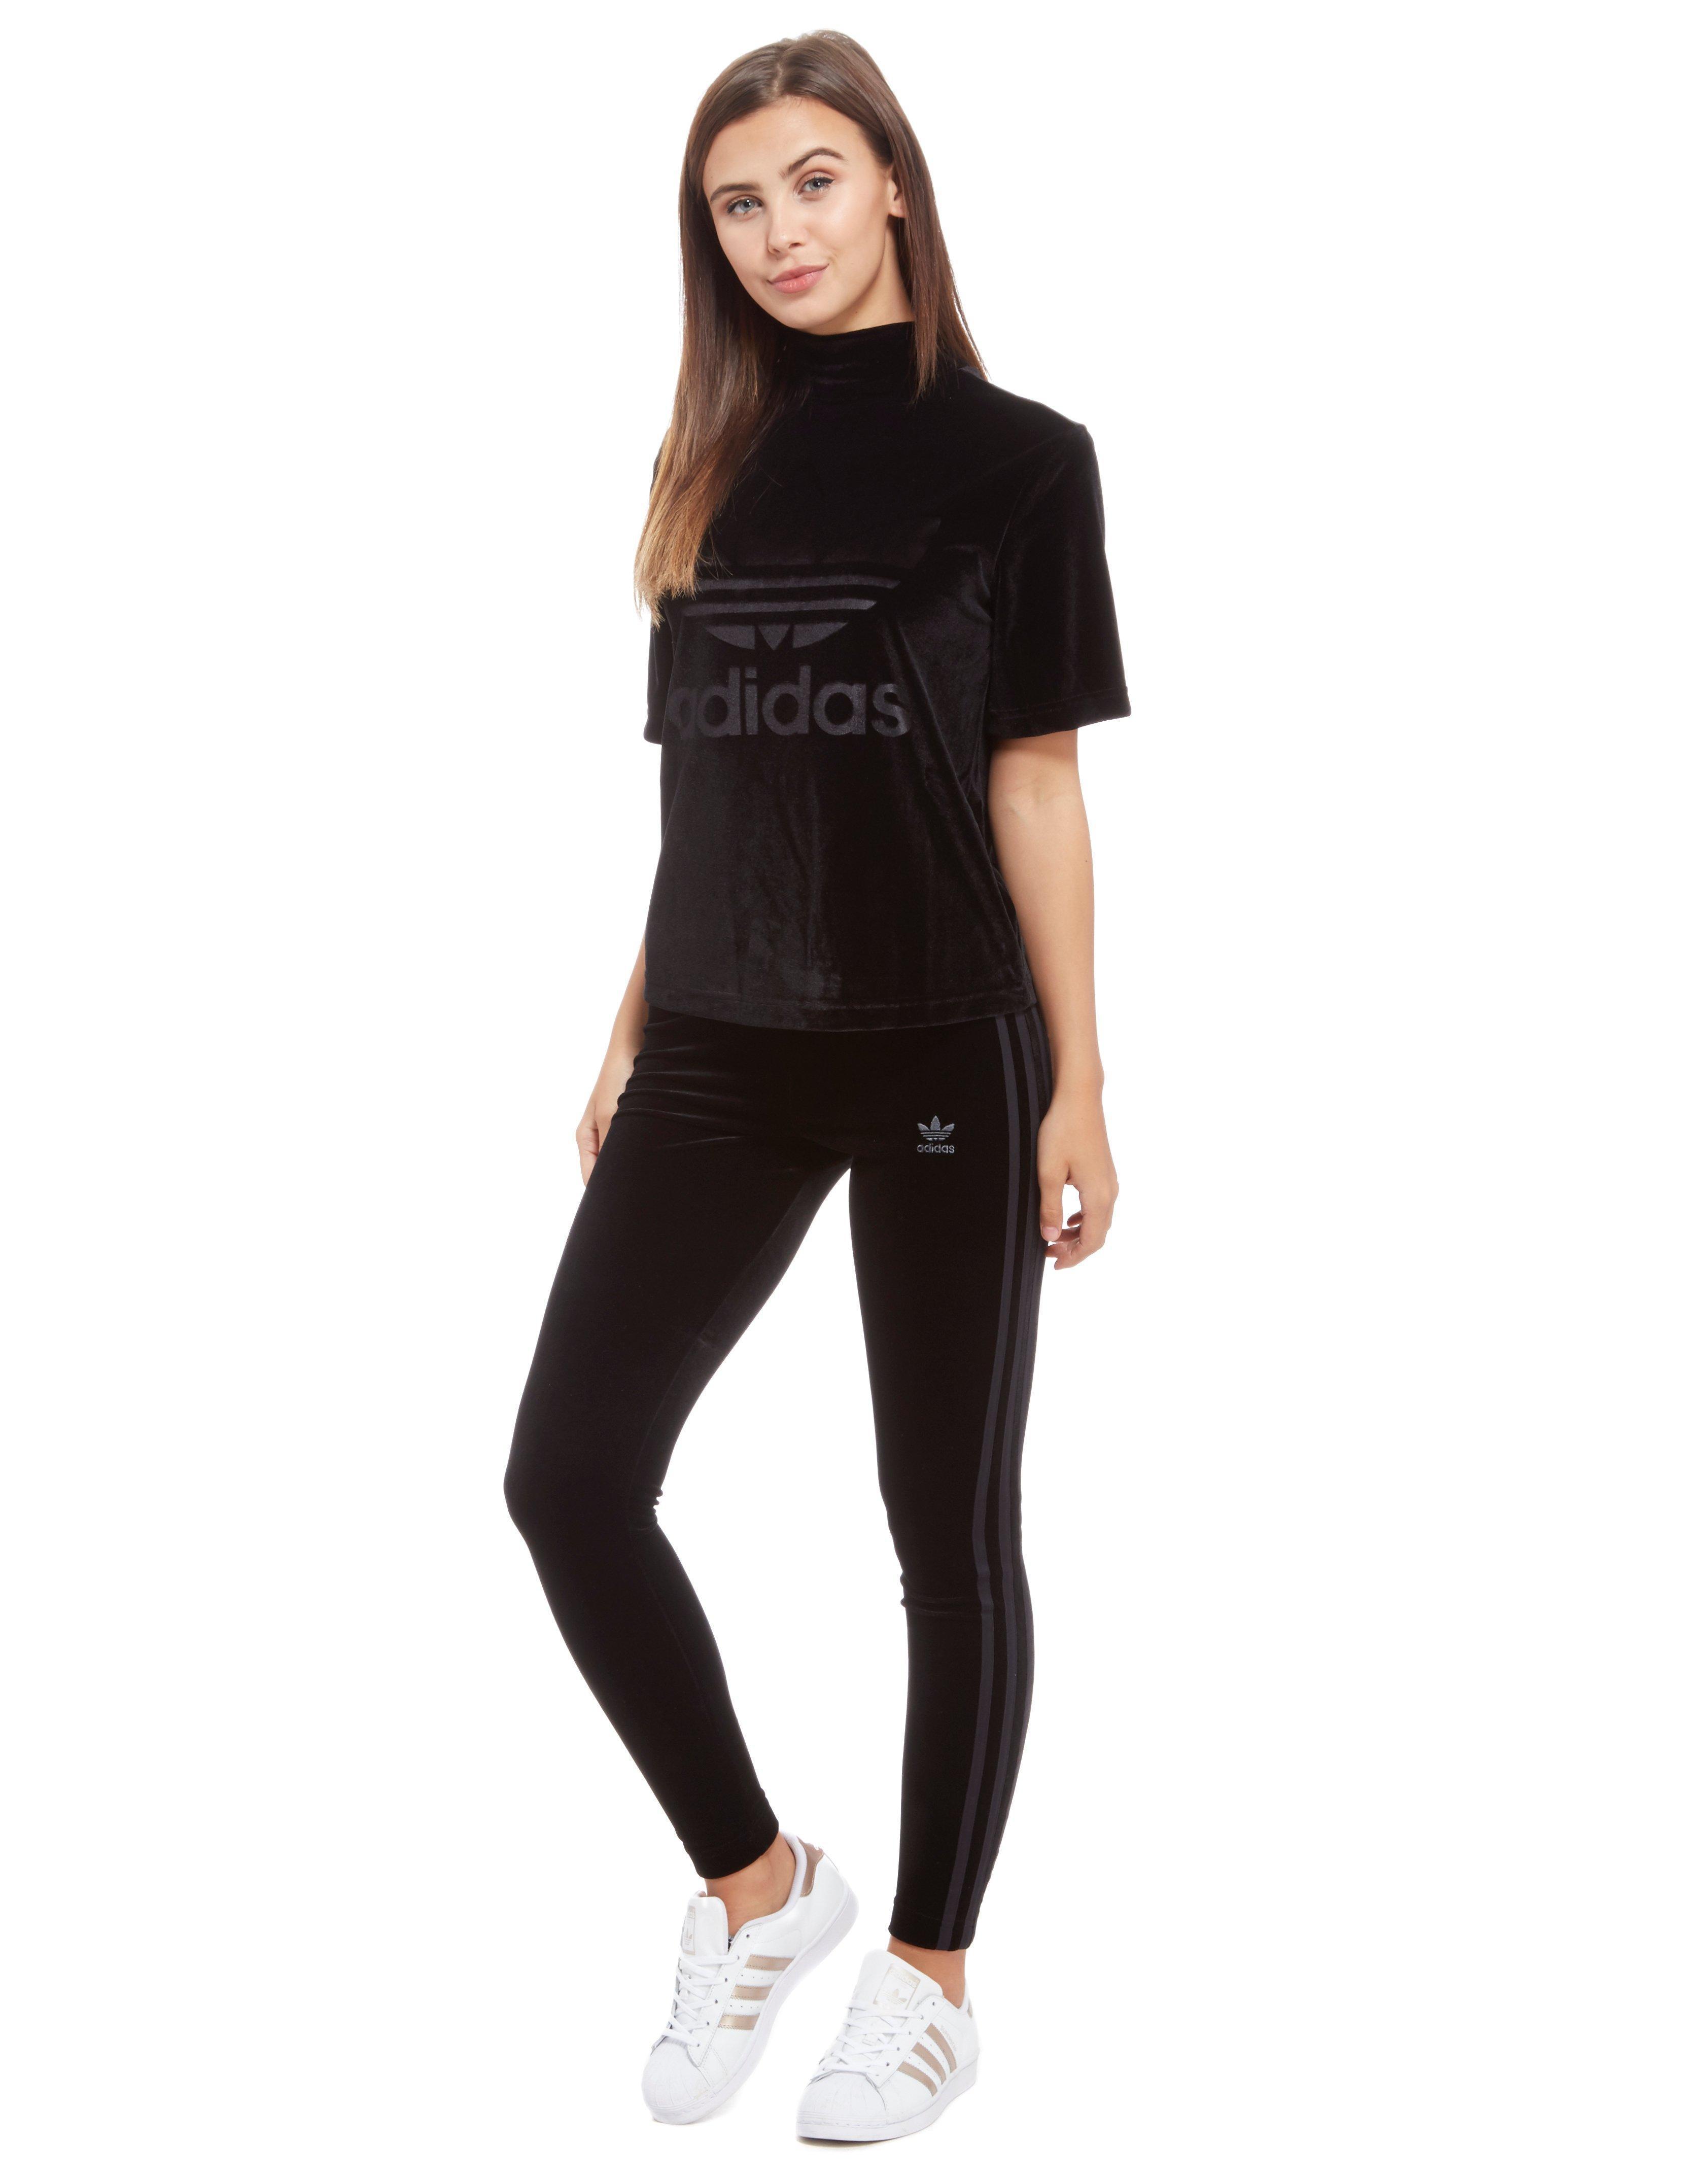 adidas originals 3-stripes velvet leggings dames